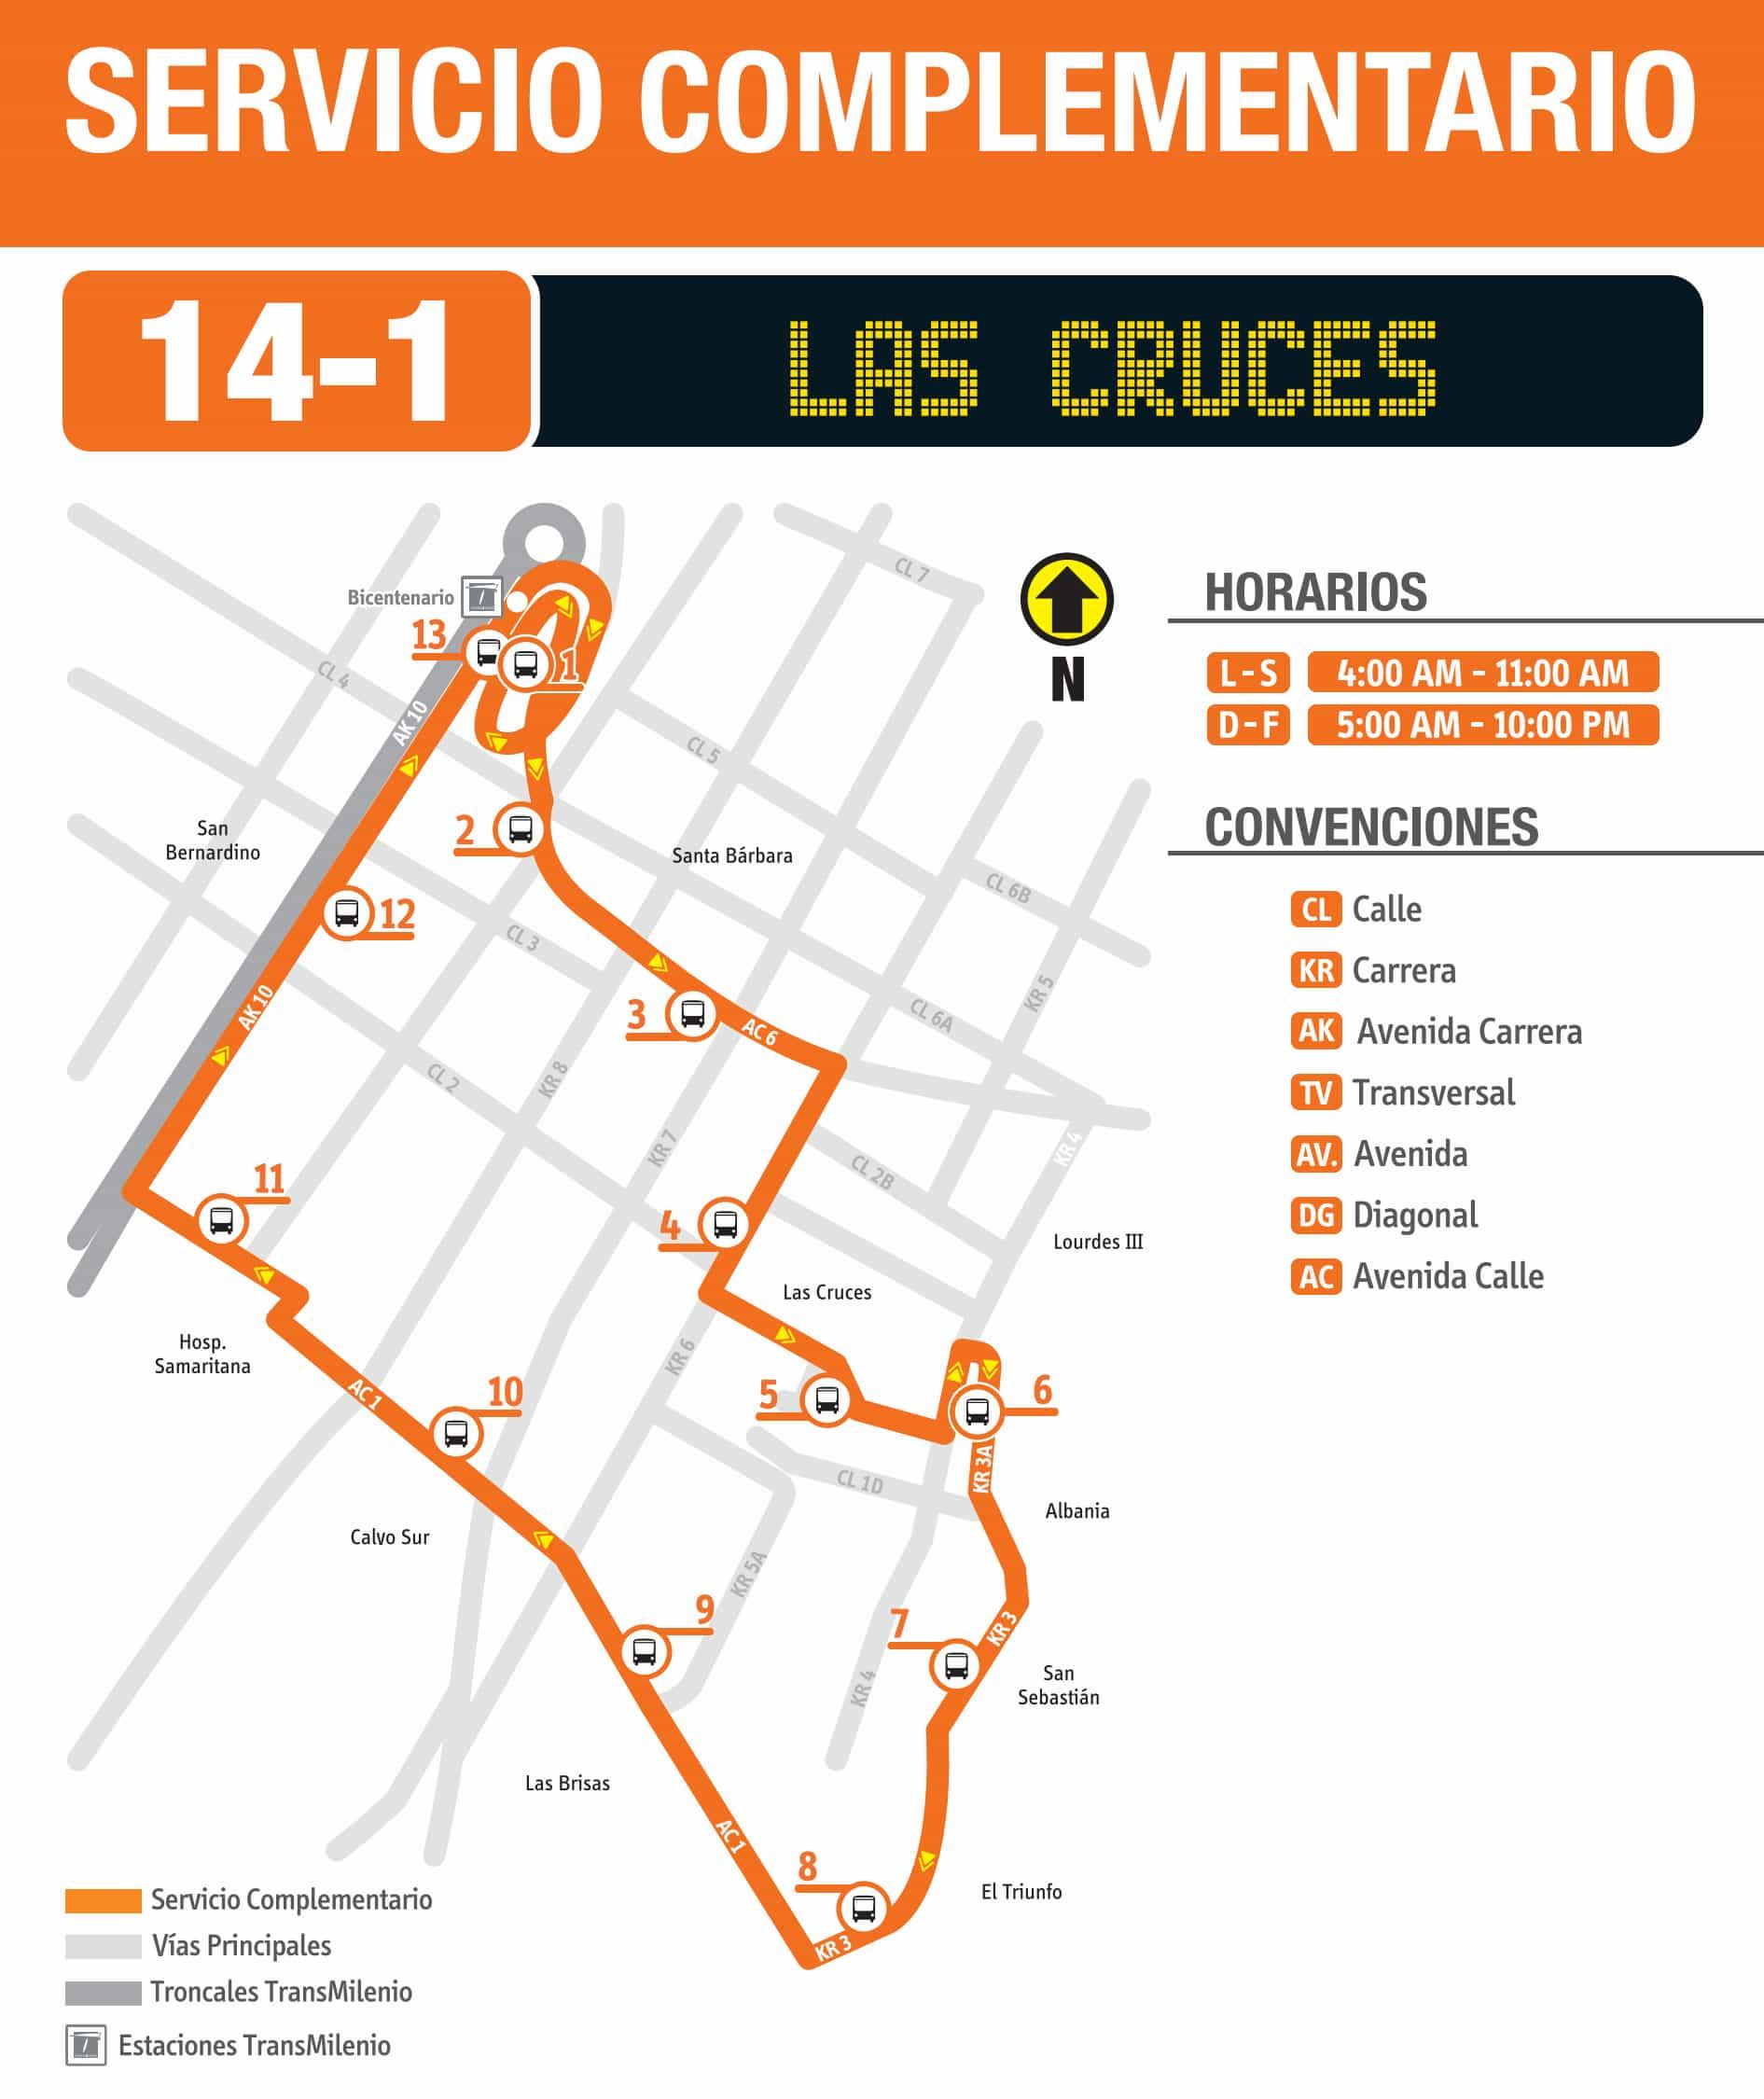 14-1 Las Cruces (ruta complementaria - SITP)